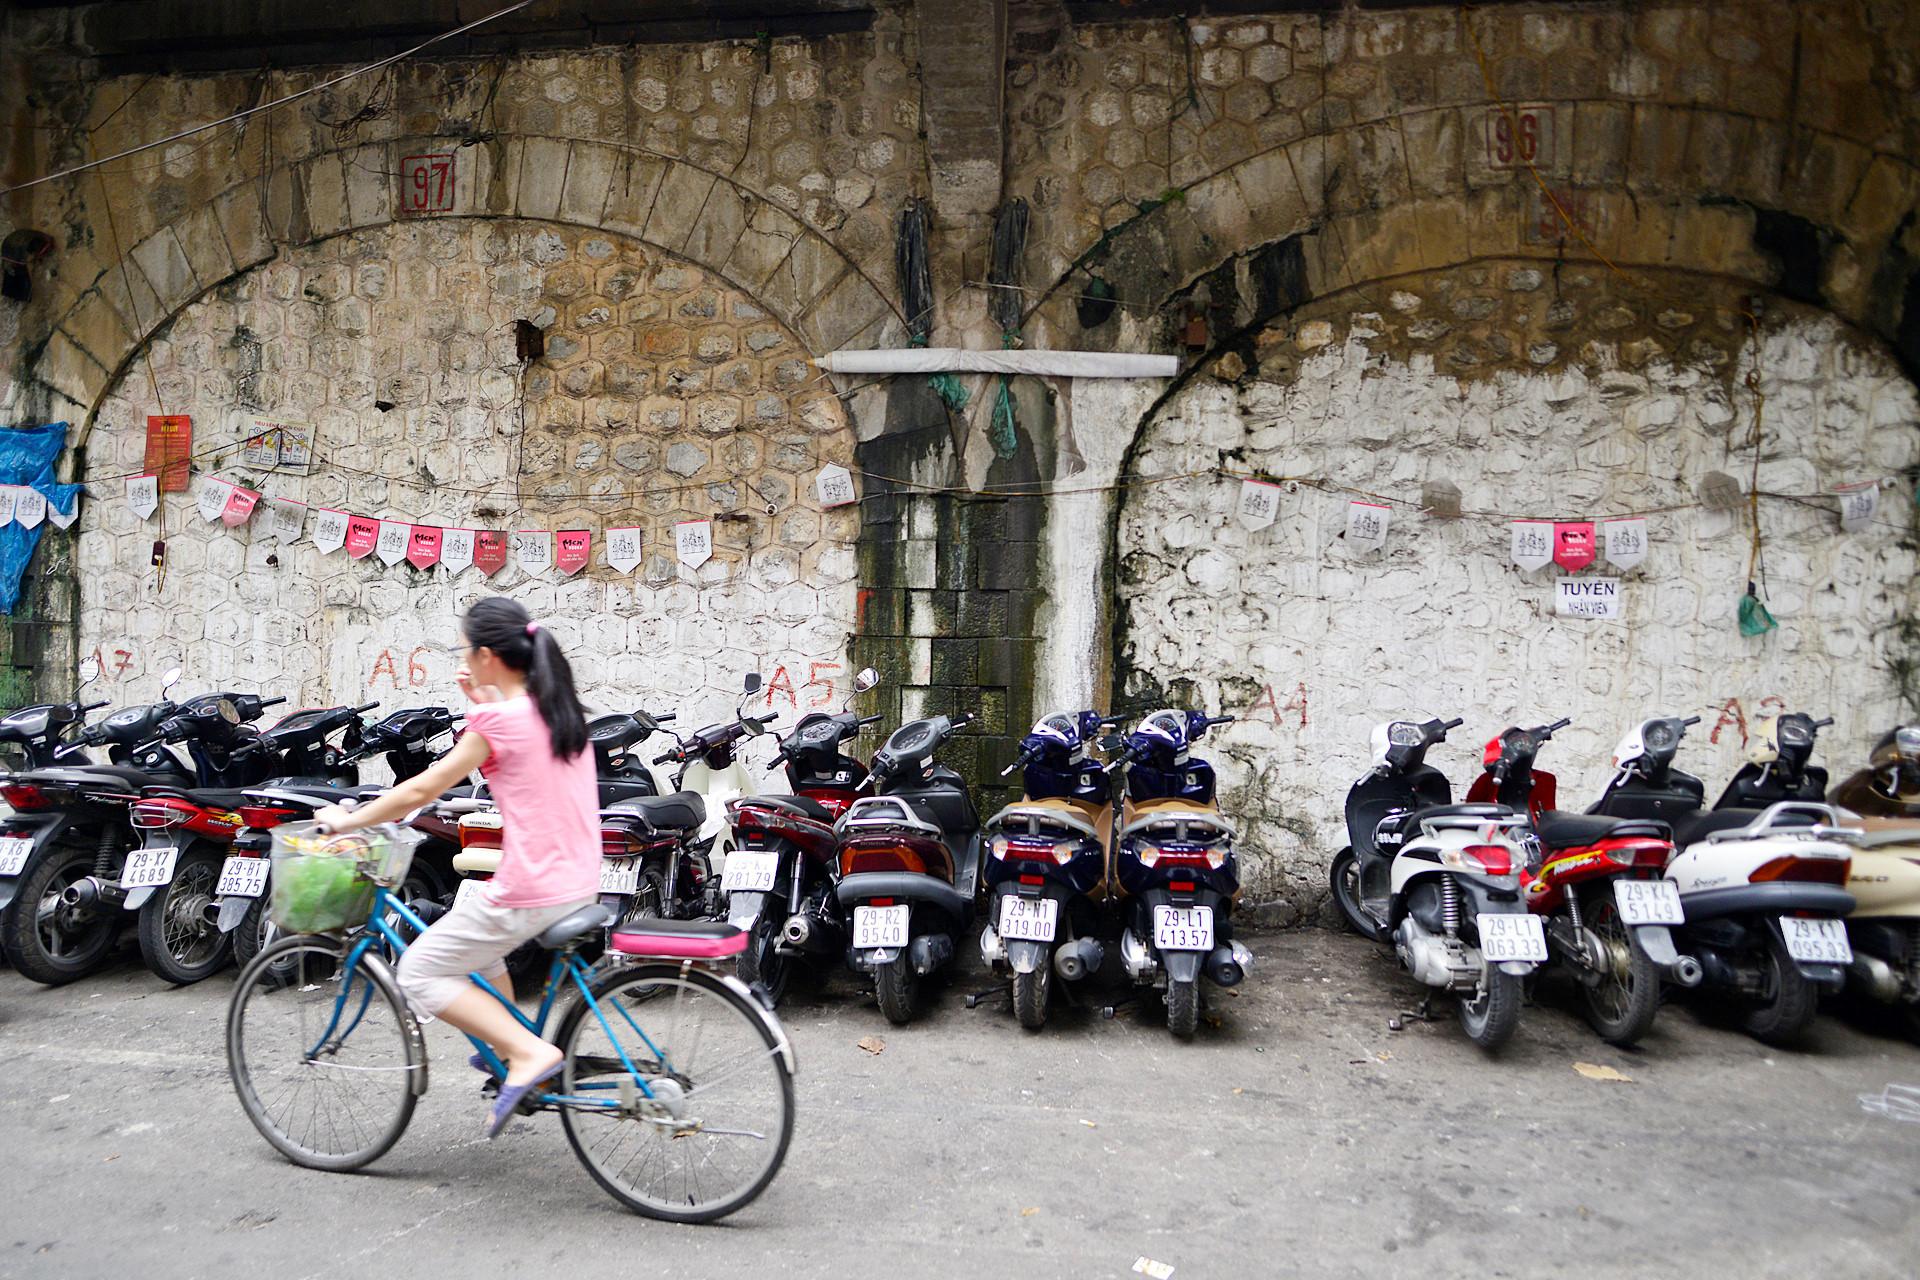 Đây cũng là nguyên nhân chính khiến Hà Nội cho xây bịt kín 127 vòm cầu. Chỉ để 4 cửa tạo thuận tiện cho việc đi lại của người dân.